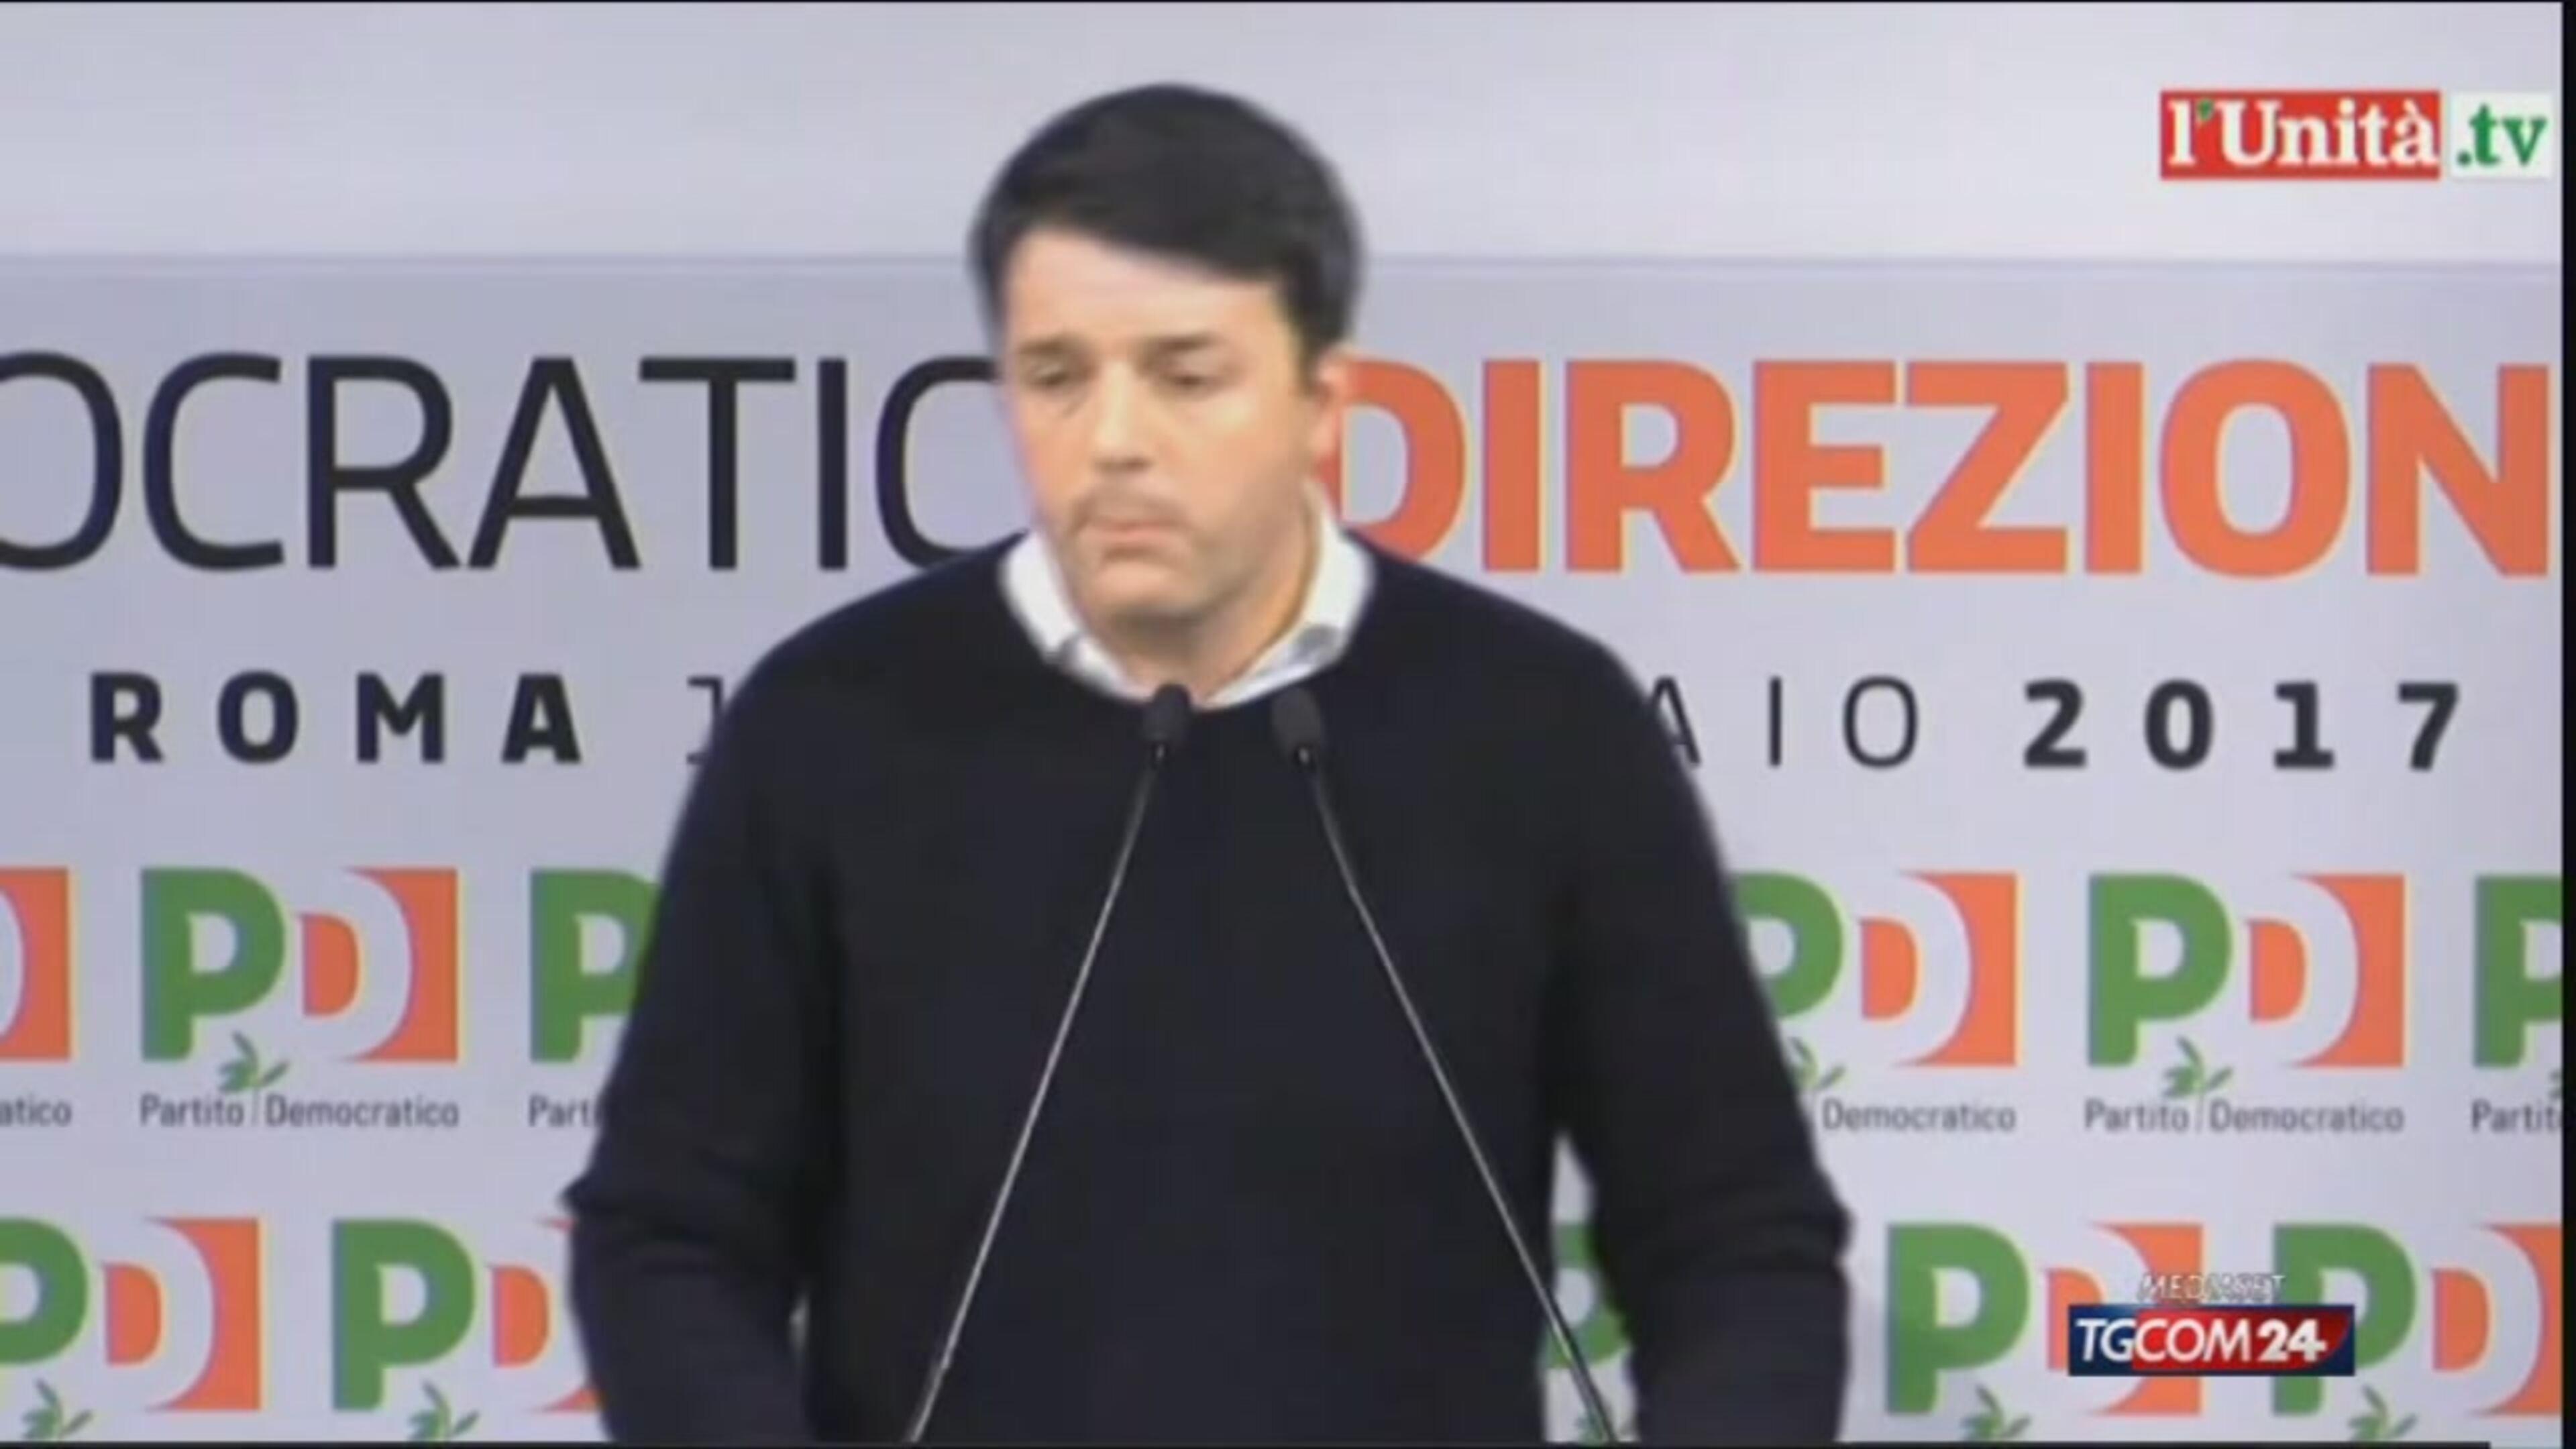 """Ue, Renzi: """"Non voglio violare regole, ma cambiarle"""""""